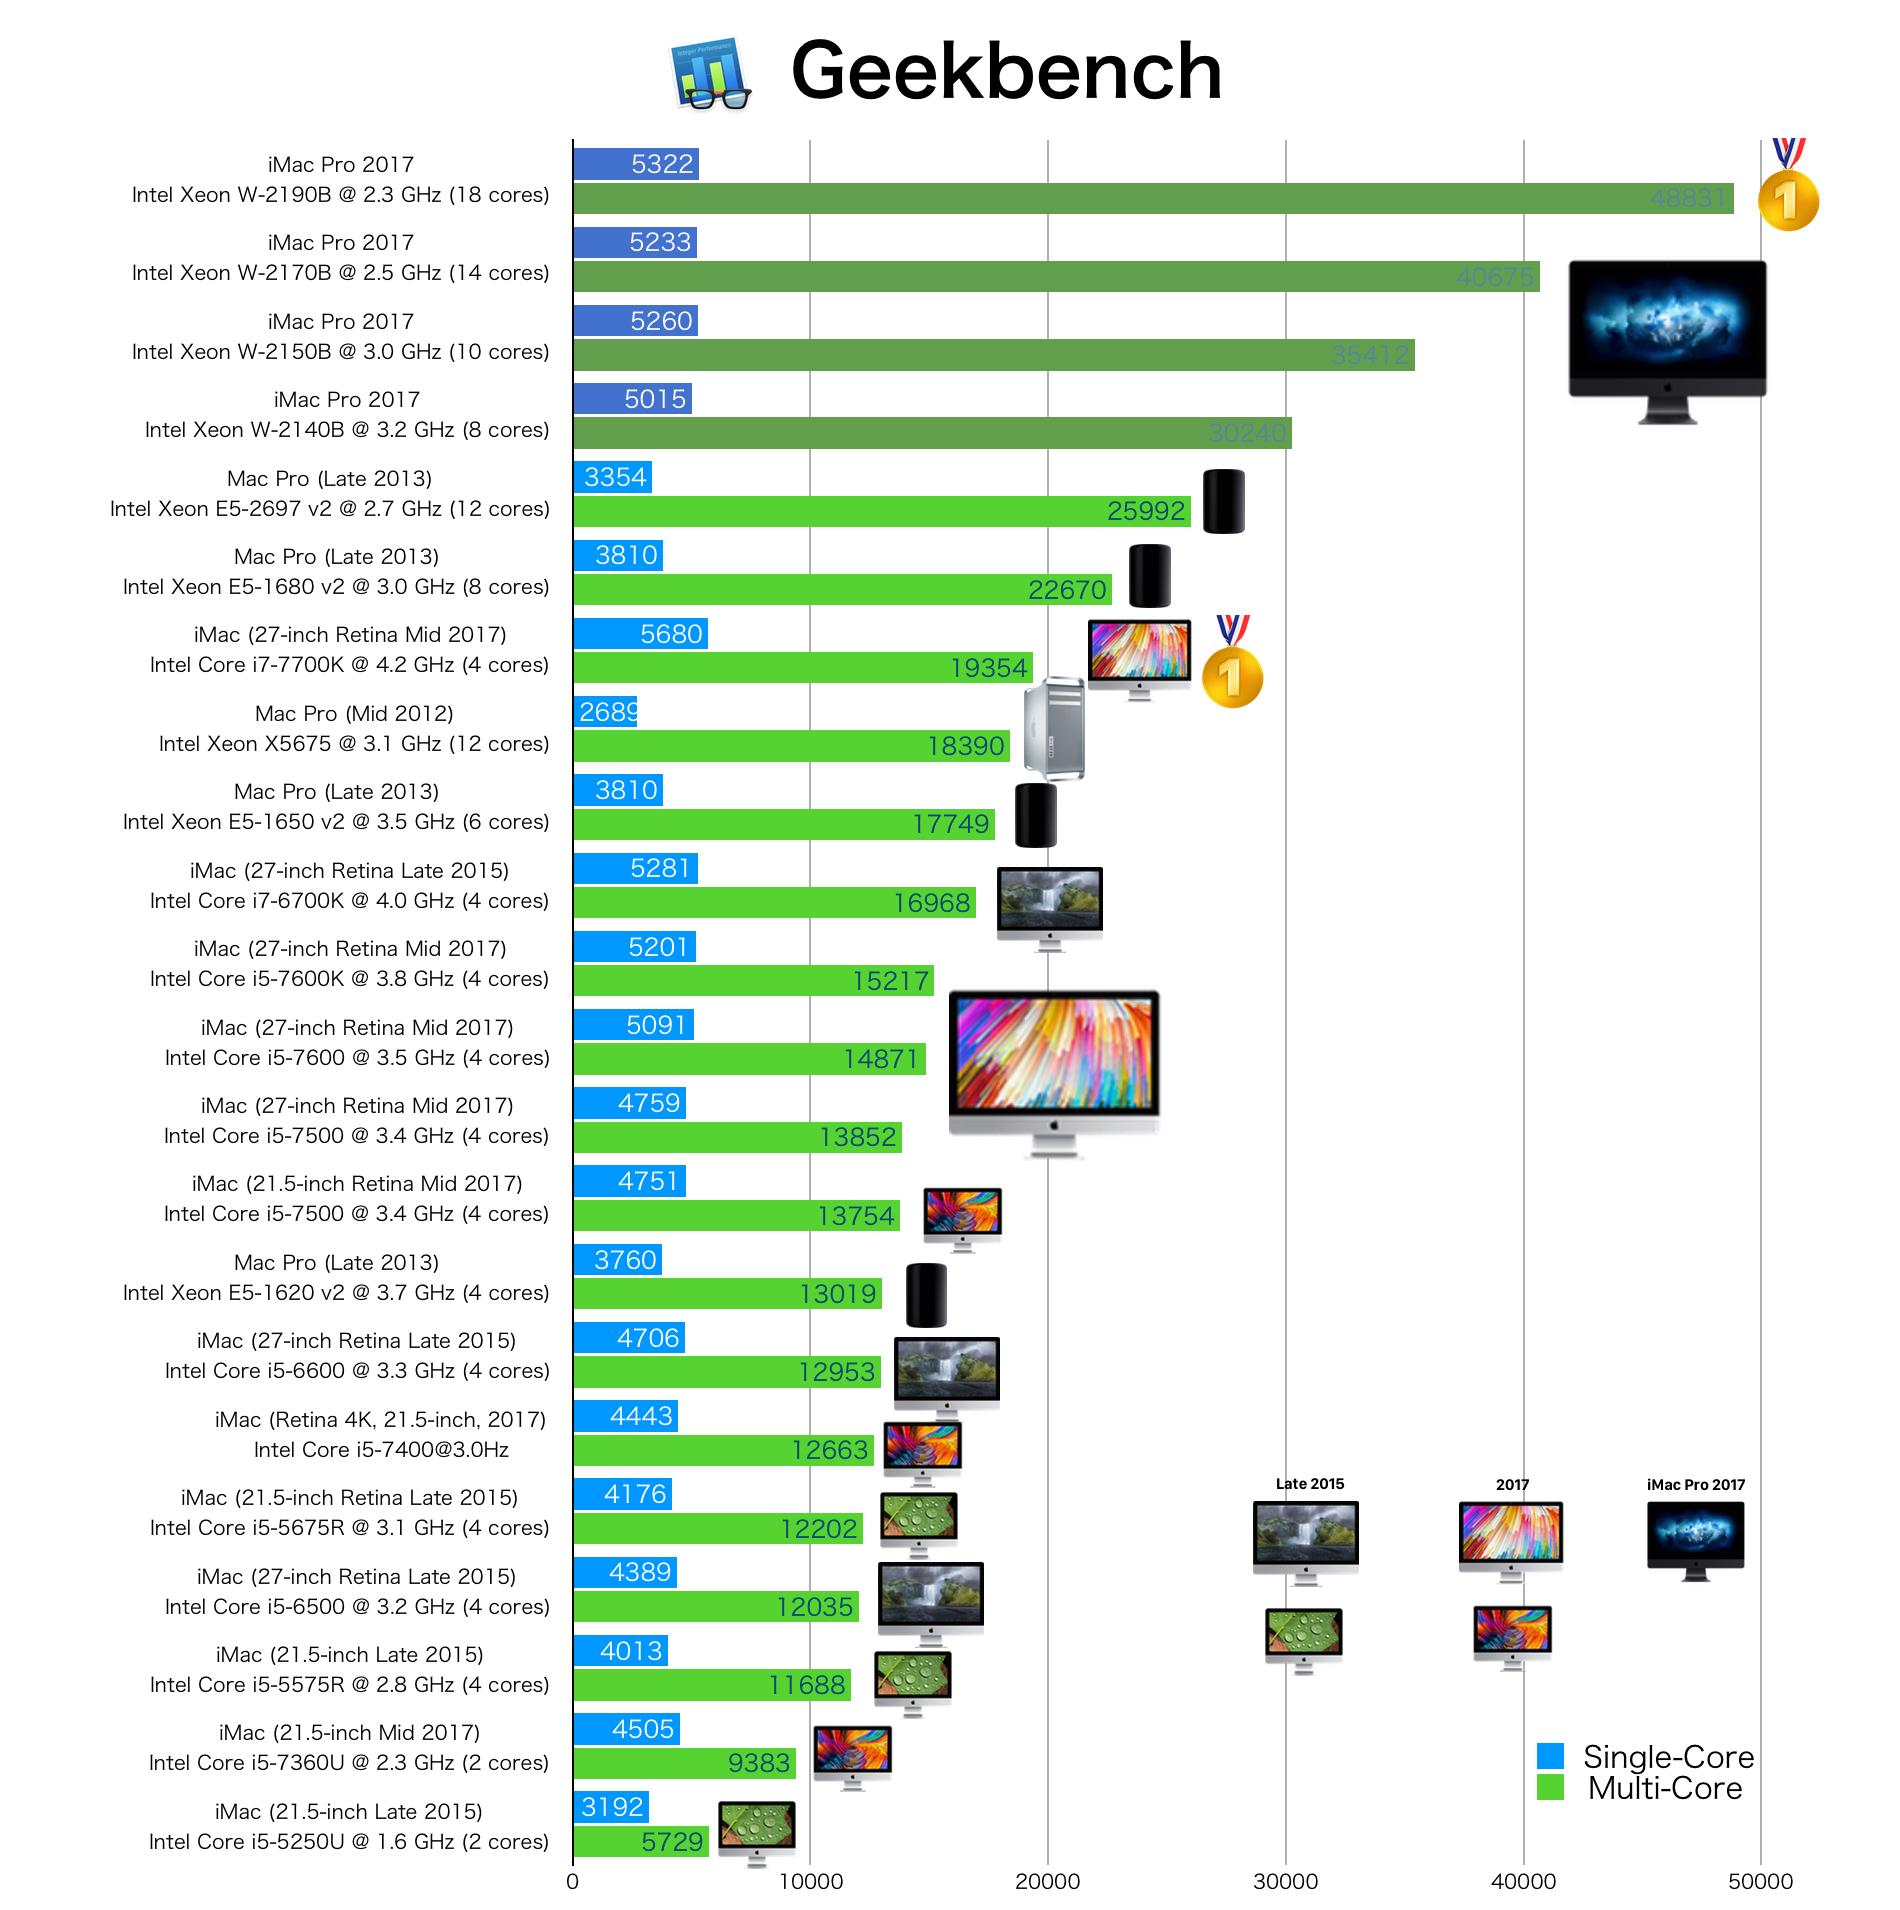 iMac Pro Late 2017のGeekbench ベンチマークスコア2018年02月